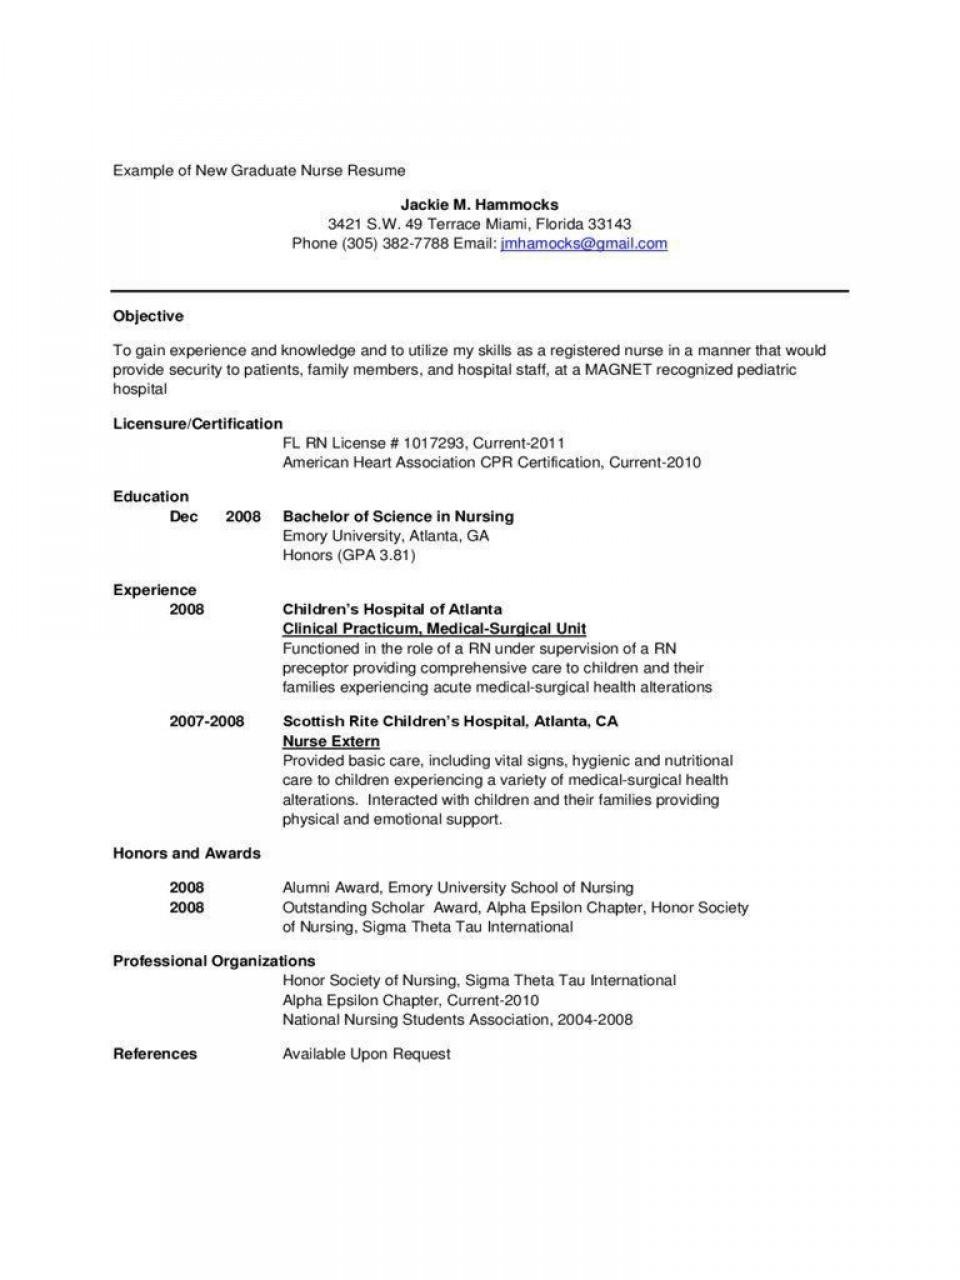 002 Amazing Rn Graduate Resume Template Idea  New Grad Nurse960